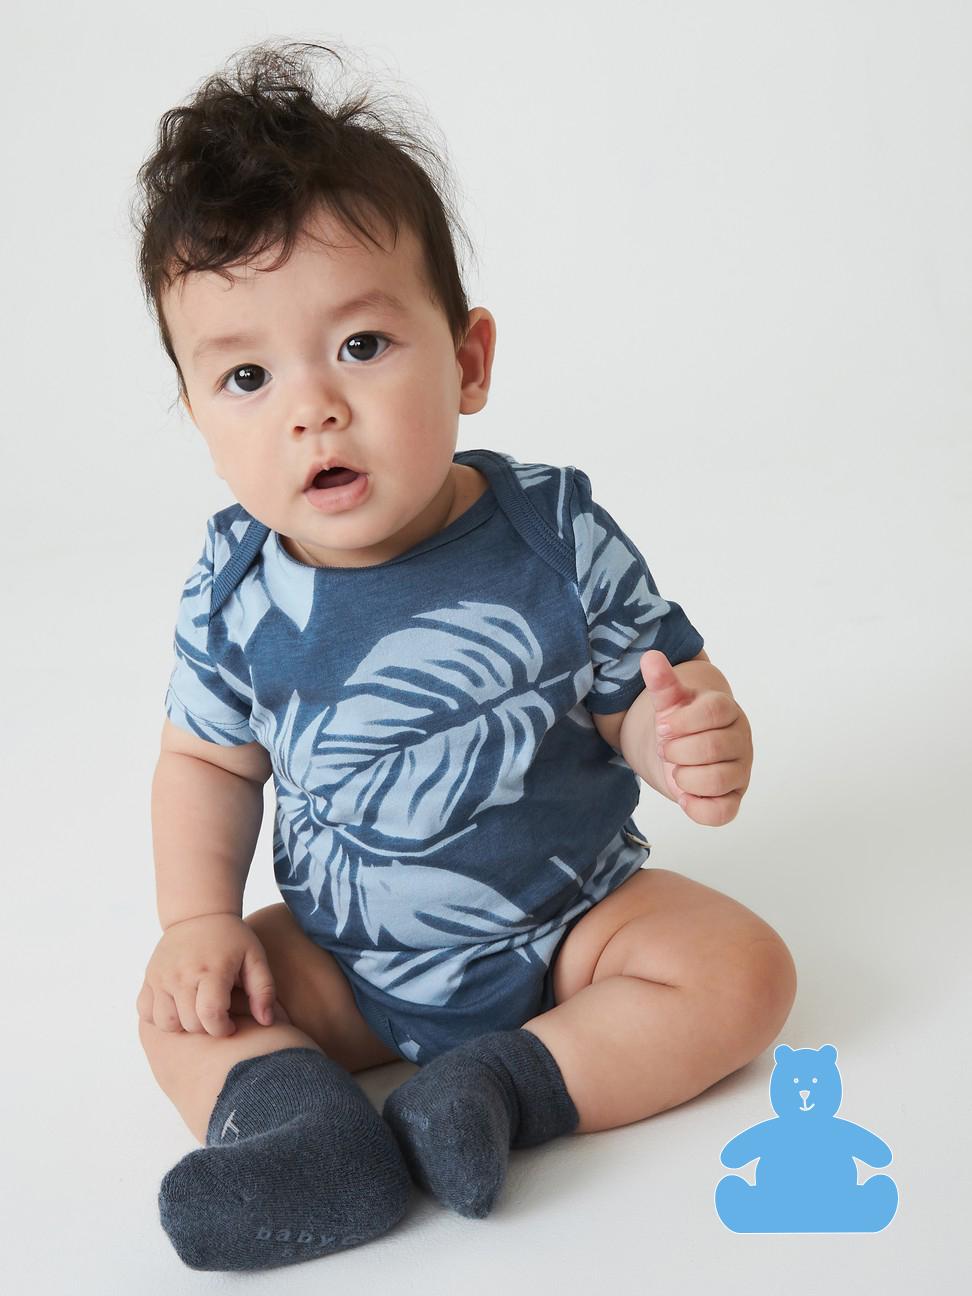 嬰兒 布萊納系列 可愛純棉短袖包屁衣